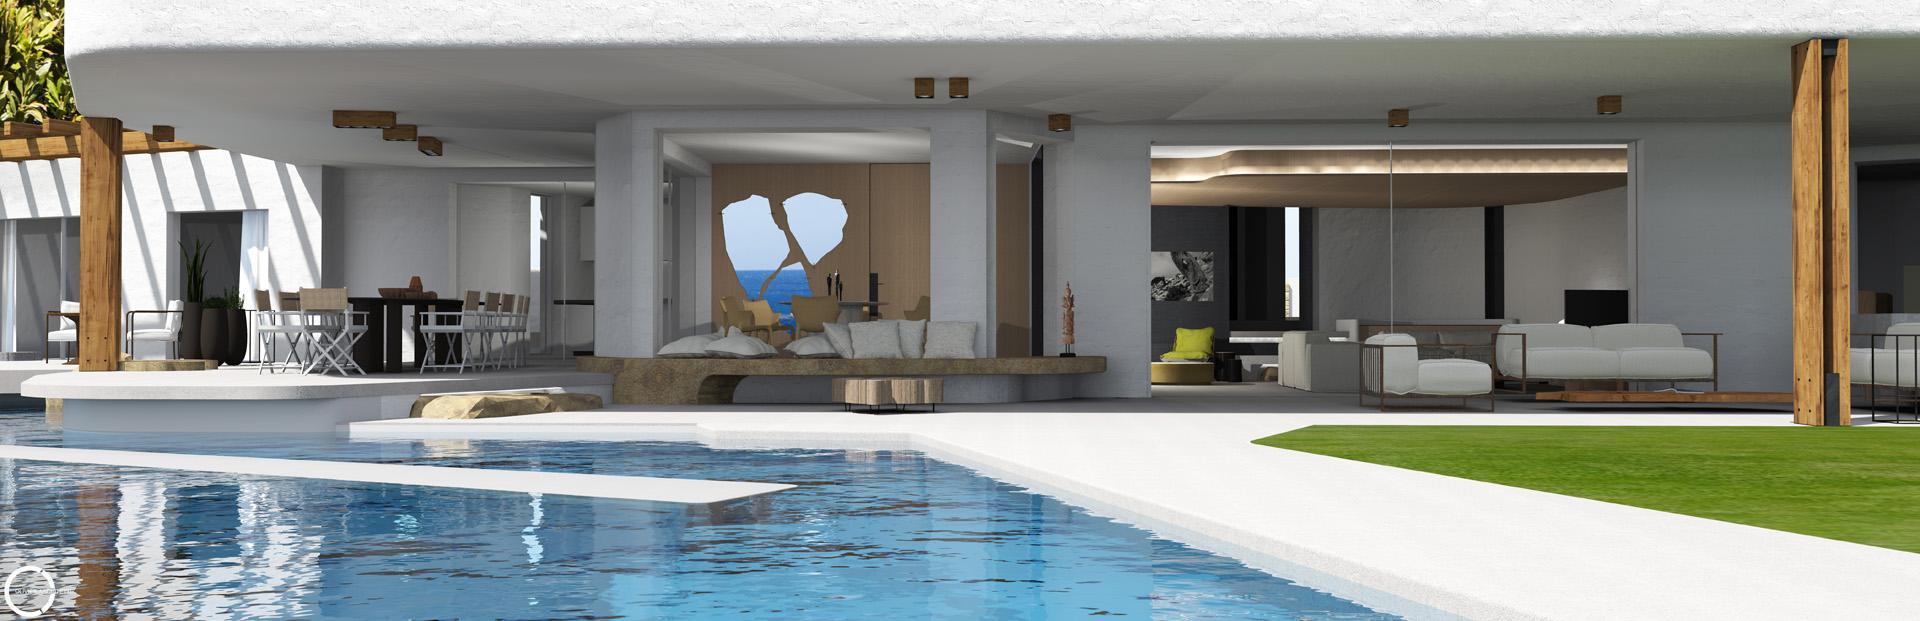 Villa Armàn luxury real estate